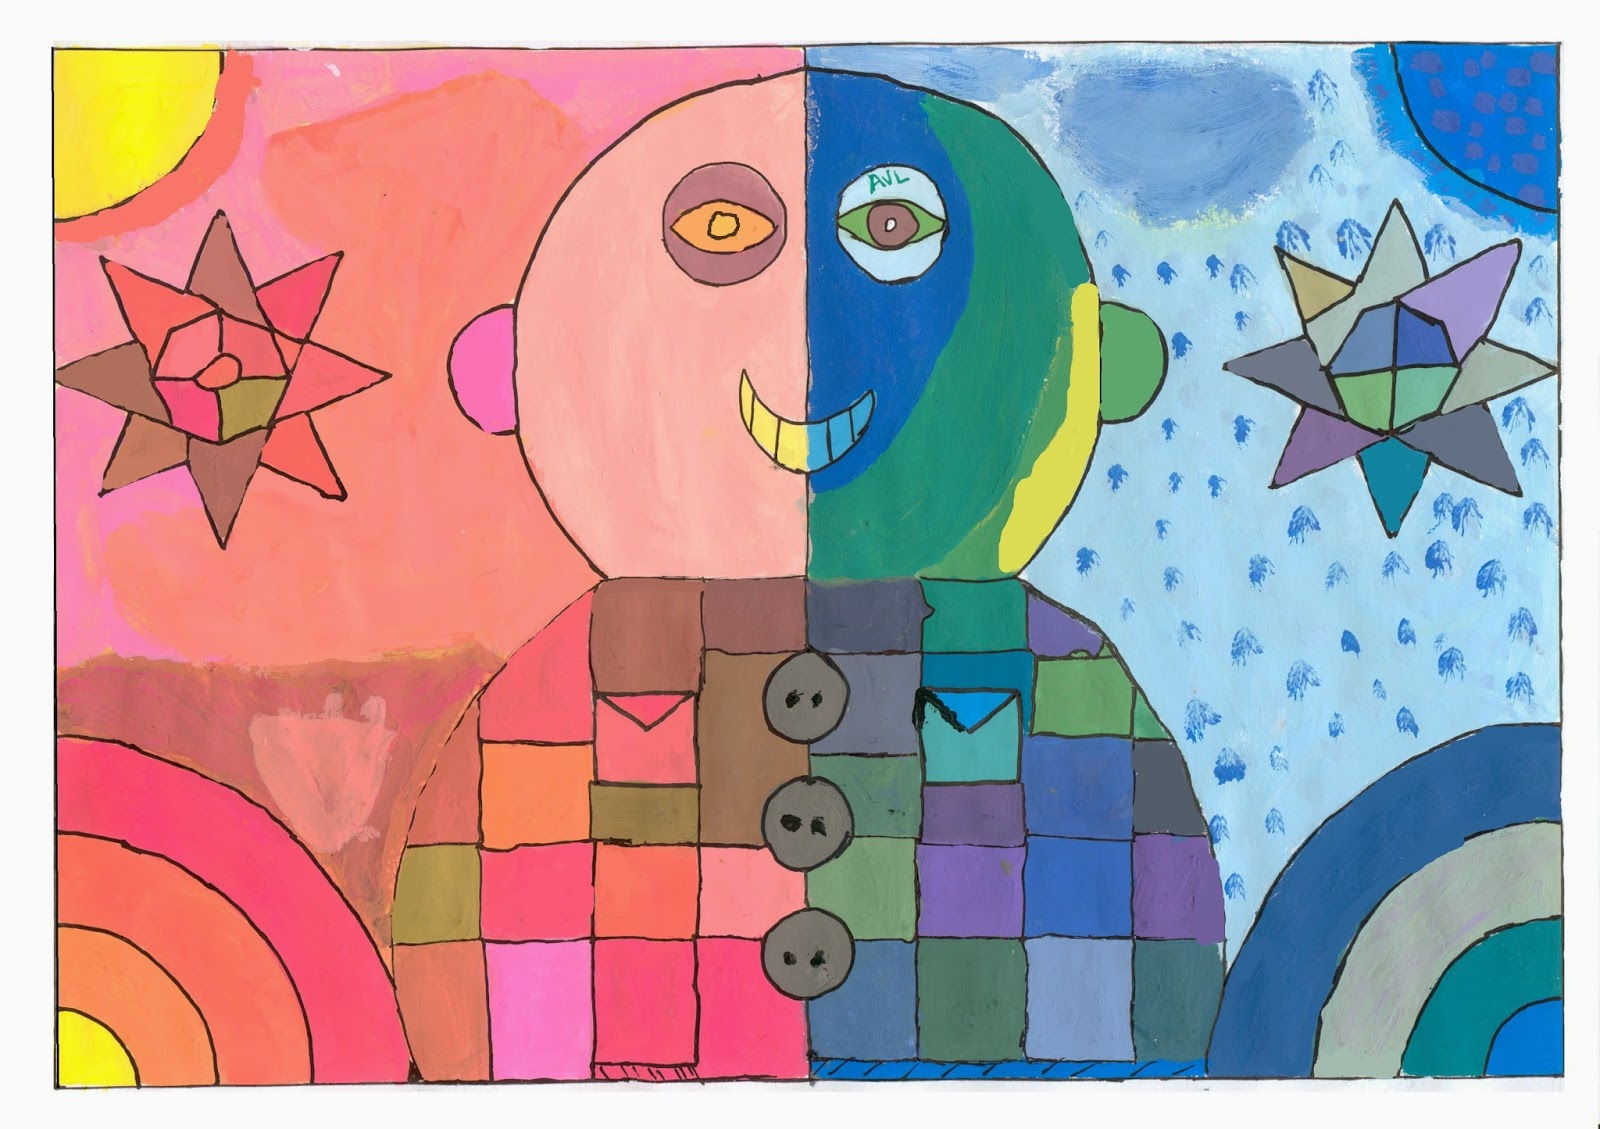 Dibujos pl stica 1 e s o adrian primer trimestre - Paisaje con colores calidos ...